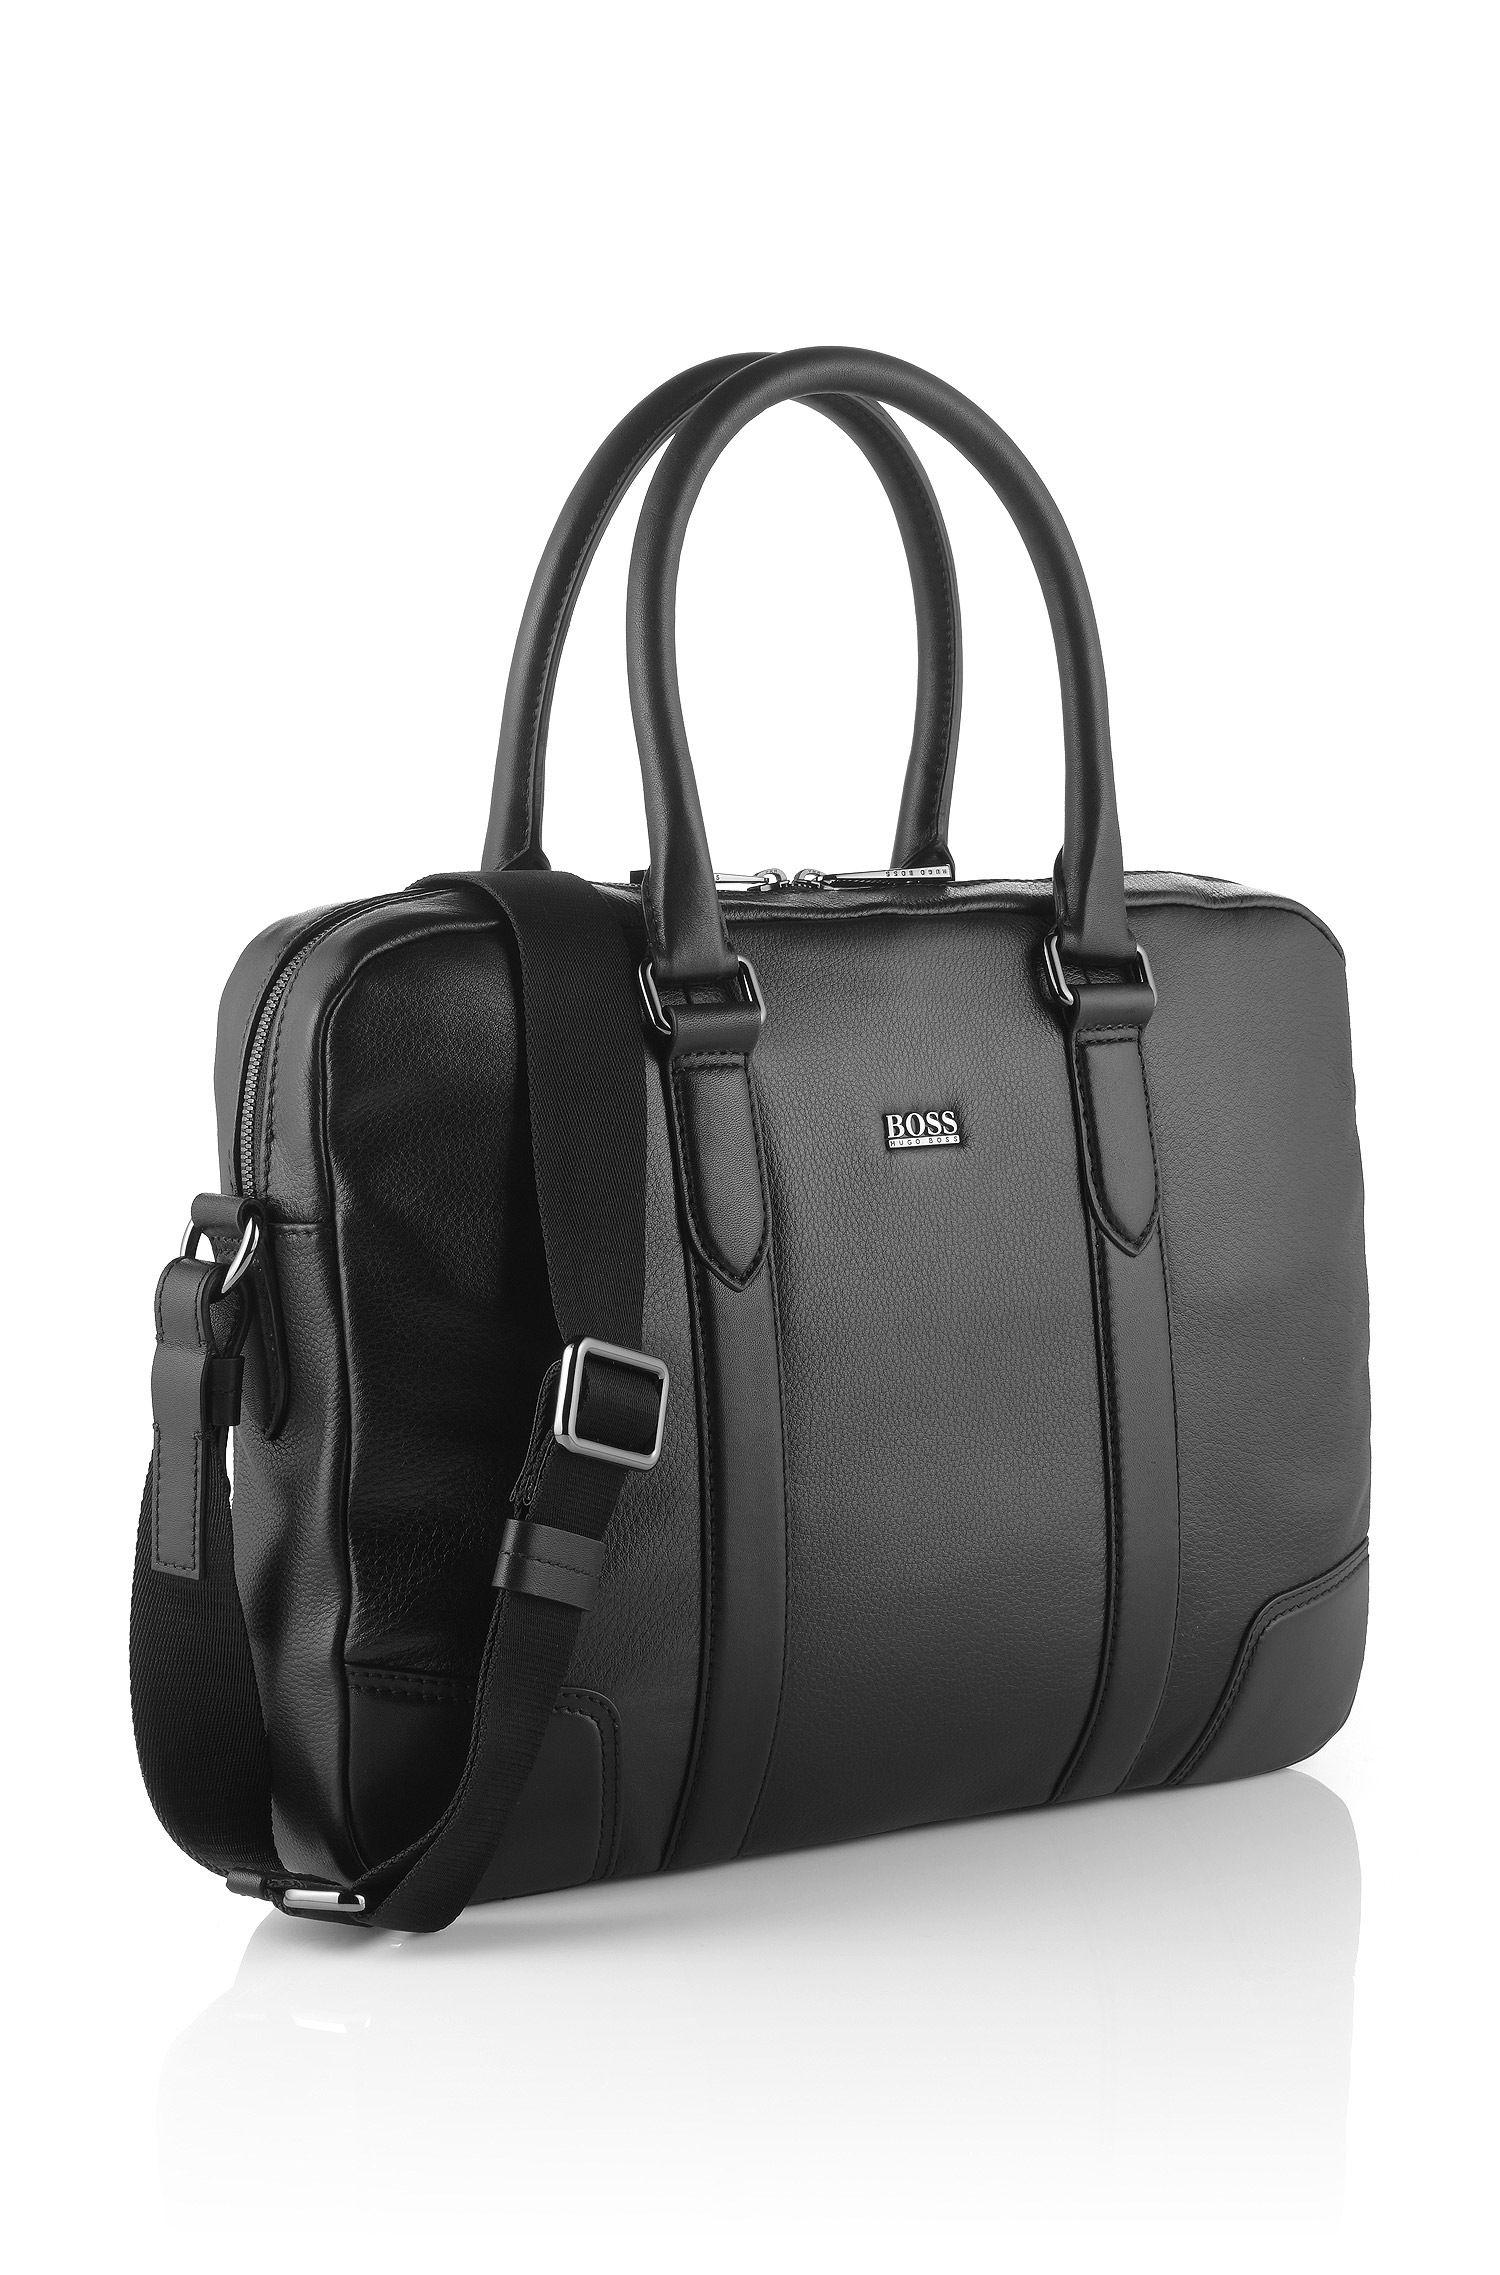 26e96838236bb BOSS Business Tasche ´Morval` aus Leder Modell Morval 50261682 Schwarz 399€